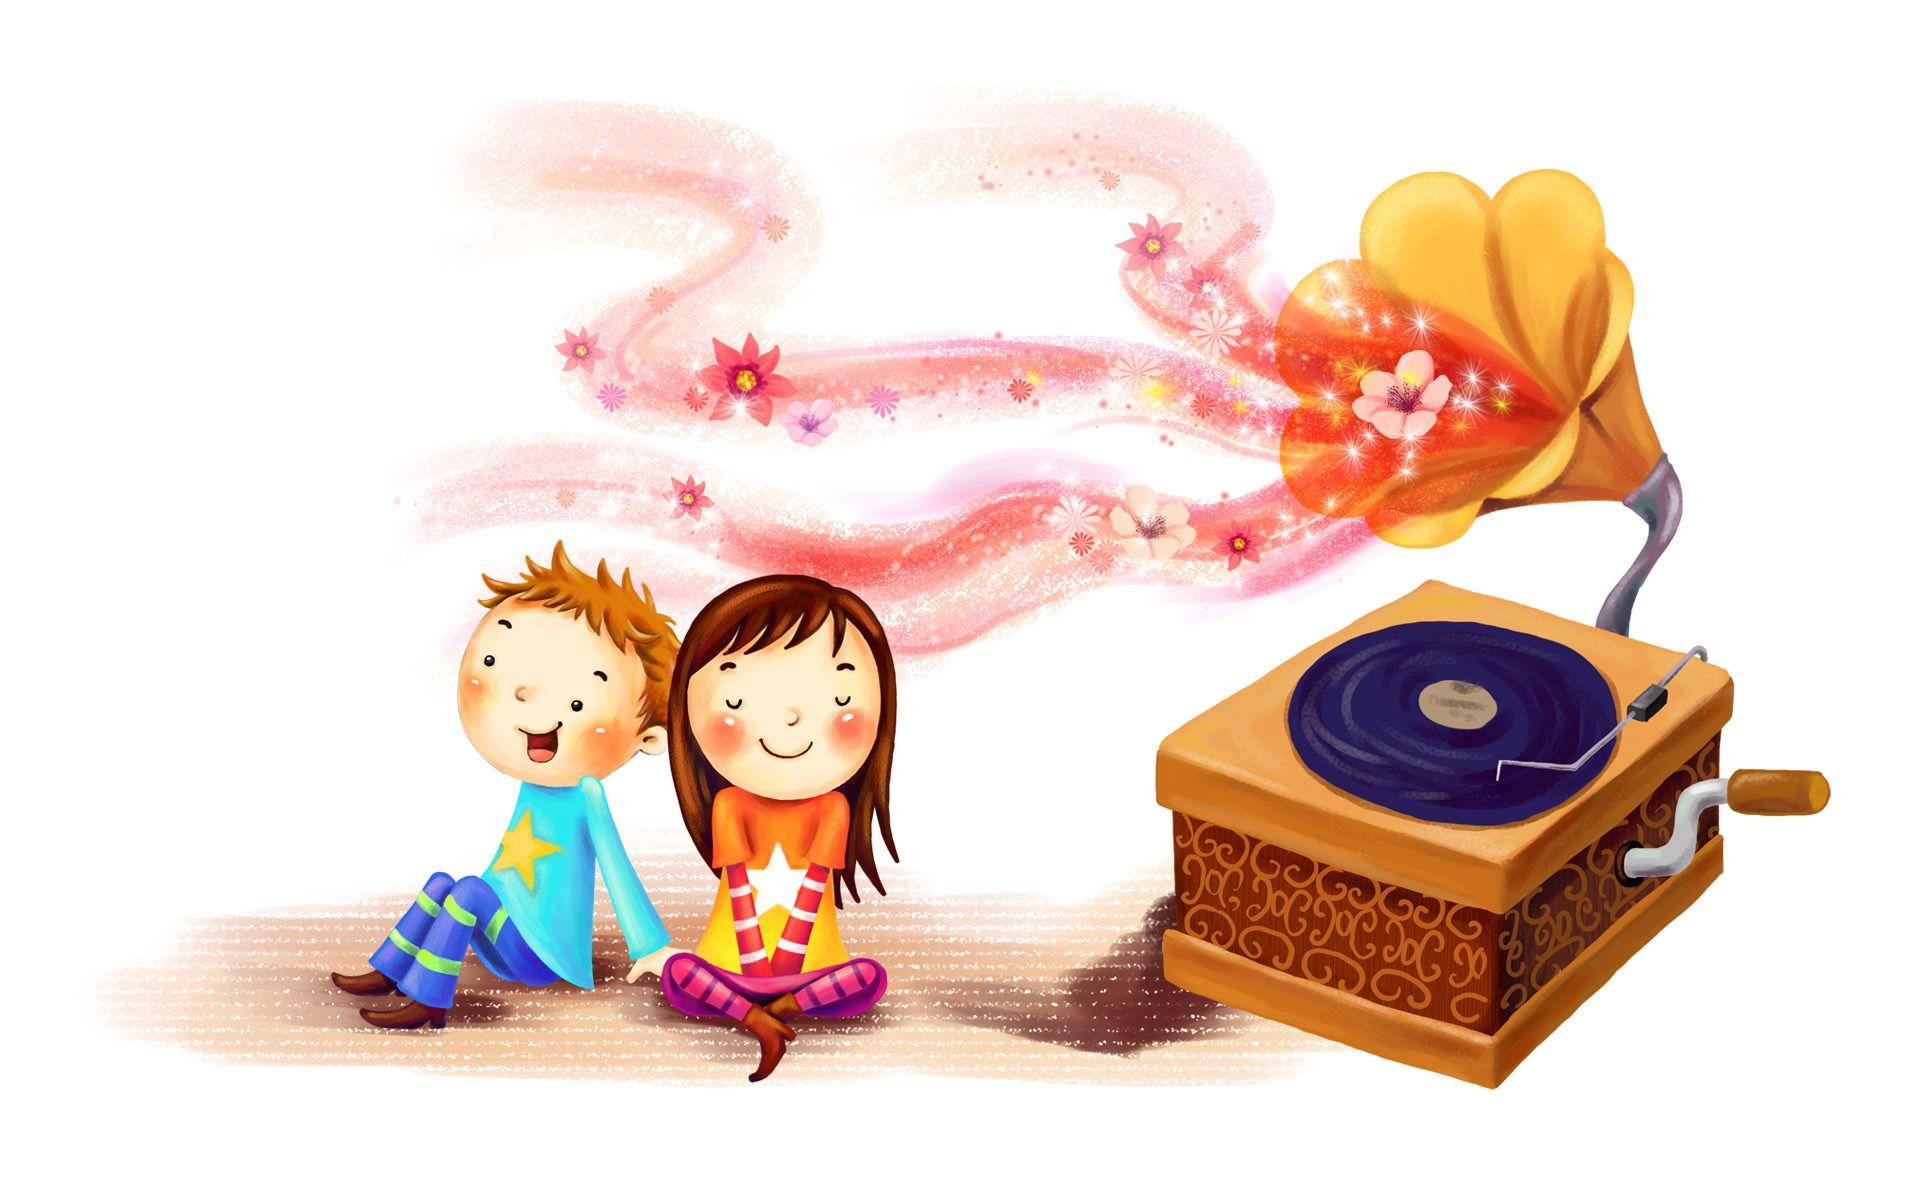 116230 скачать обои Любовь, Рисунок, Дети, Девочка, Мальчик, Радость, Вместе, Вихры, Румянец, Граммофон, Пластинка - заставки и картинки бесплатно